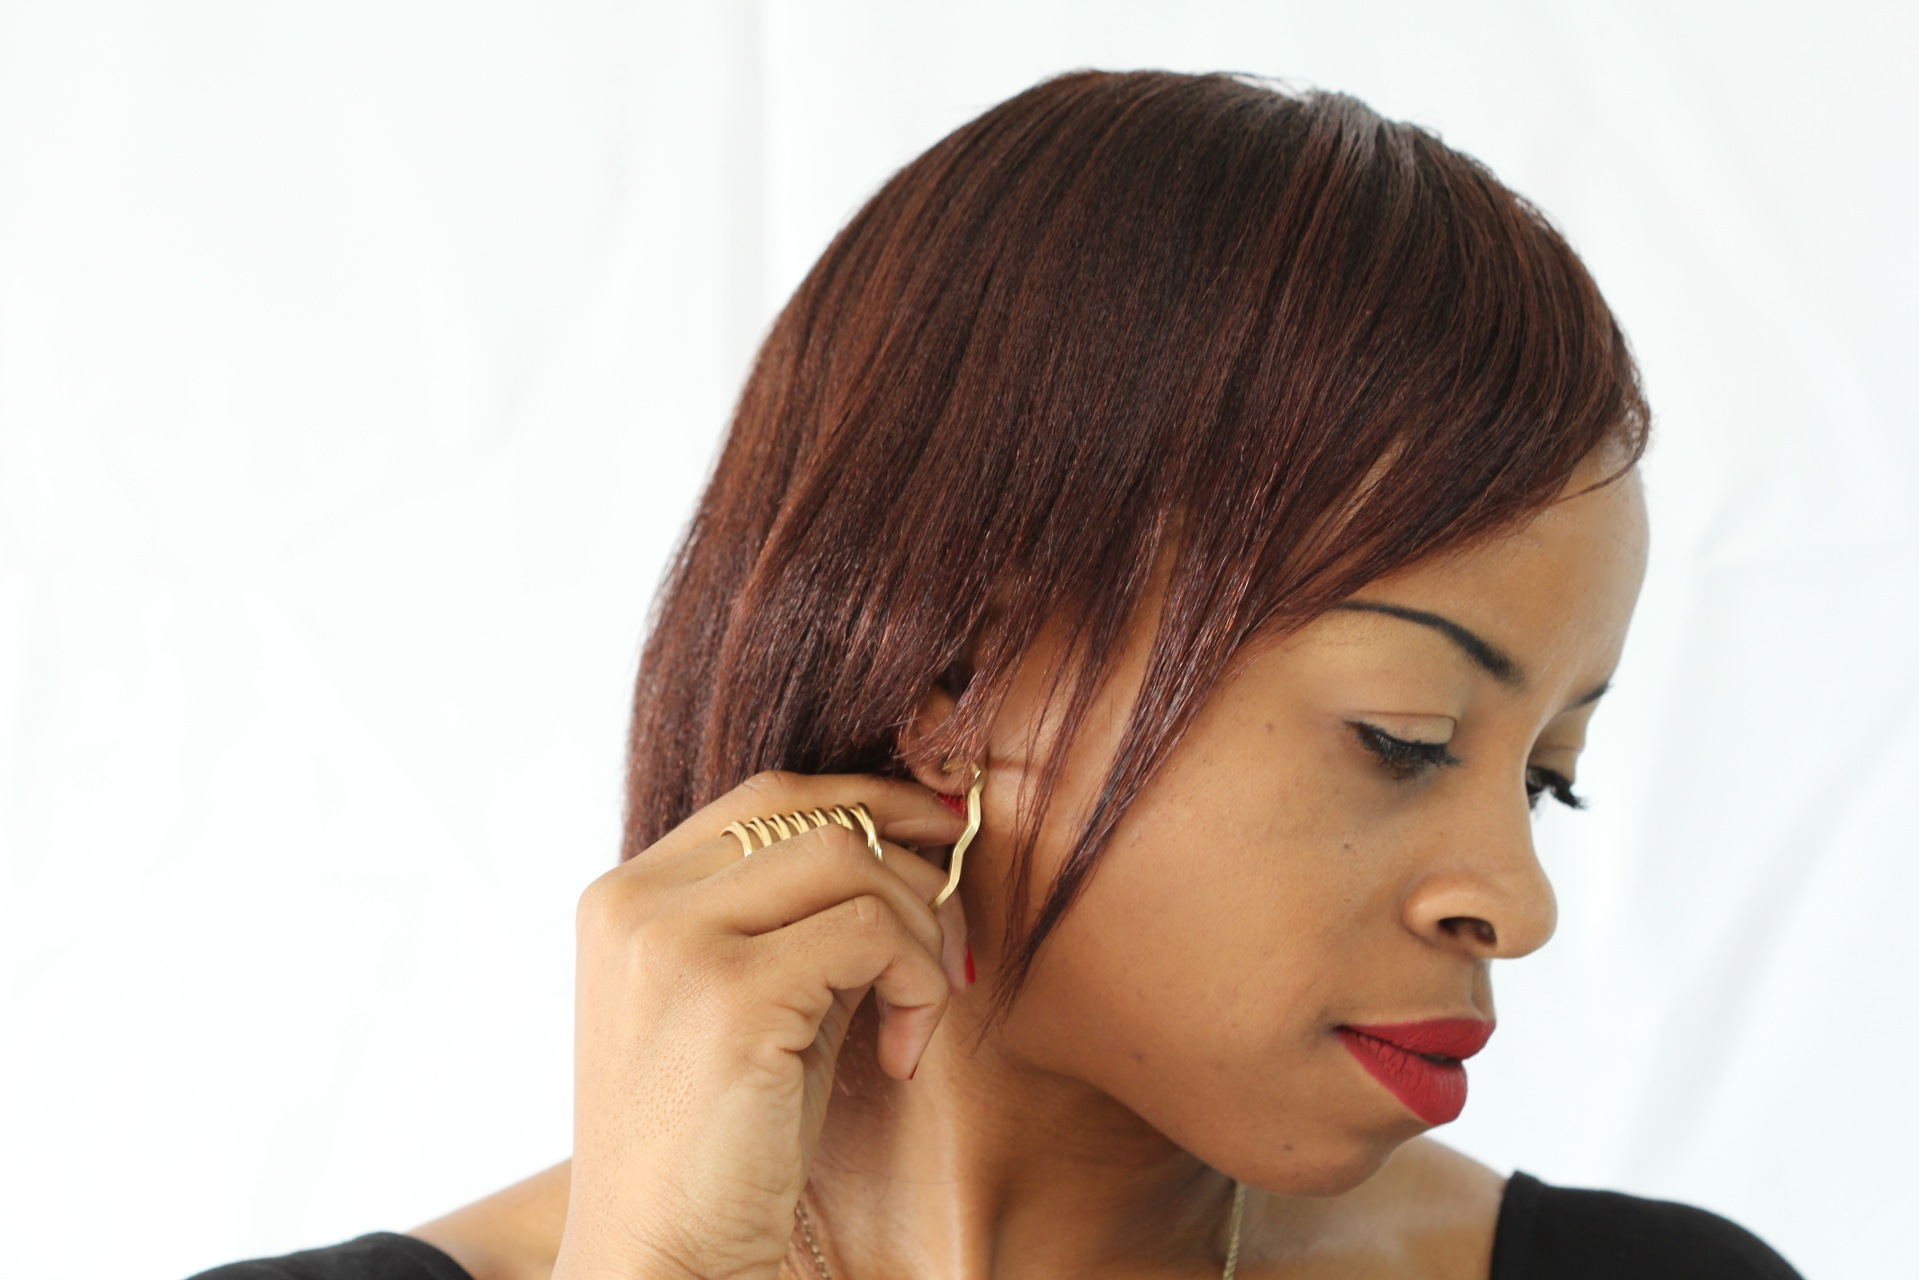 wearing gold earrings